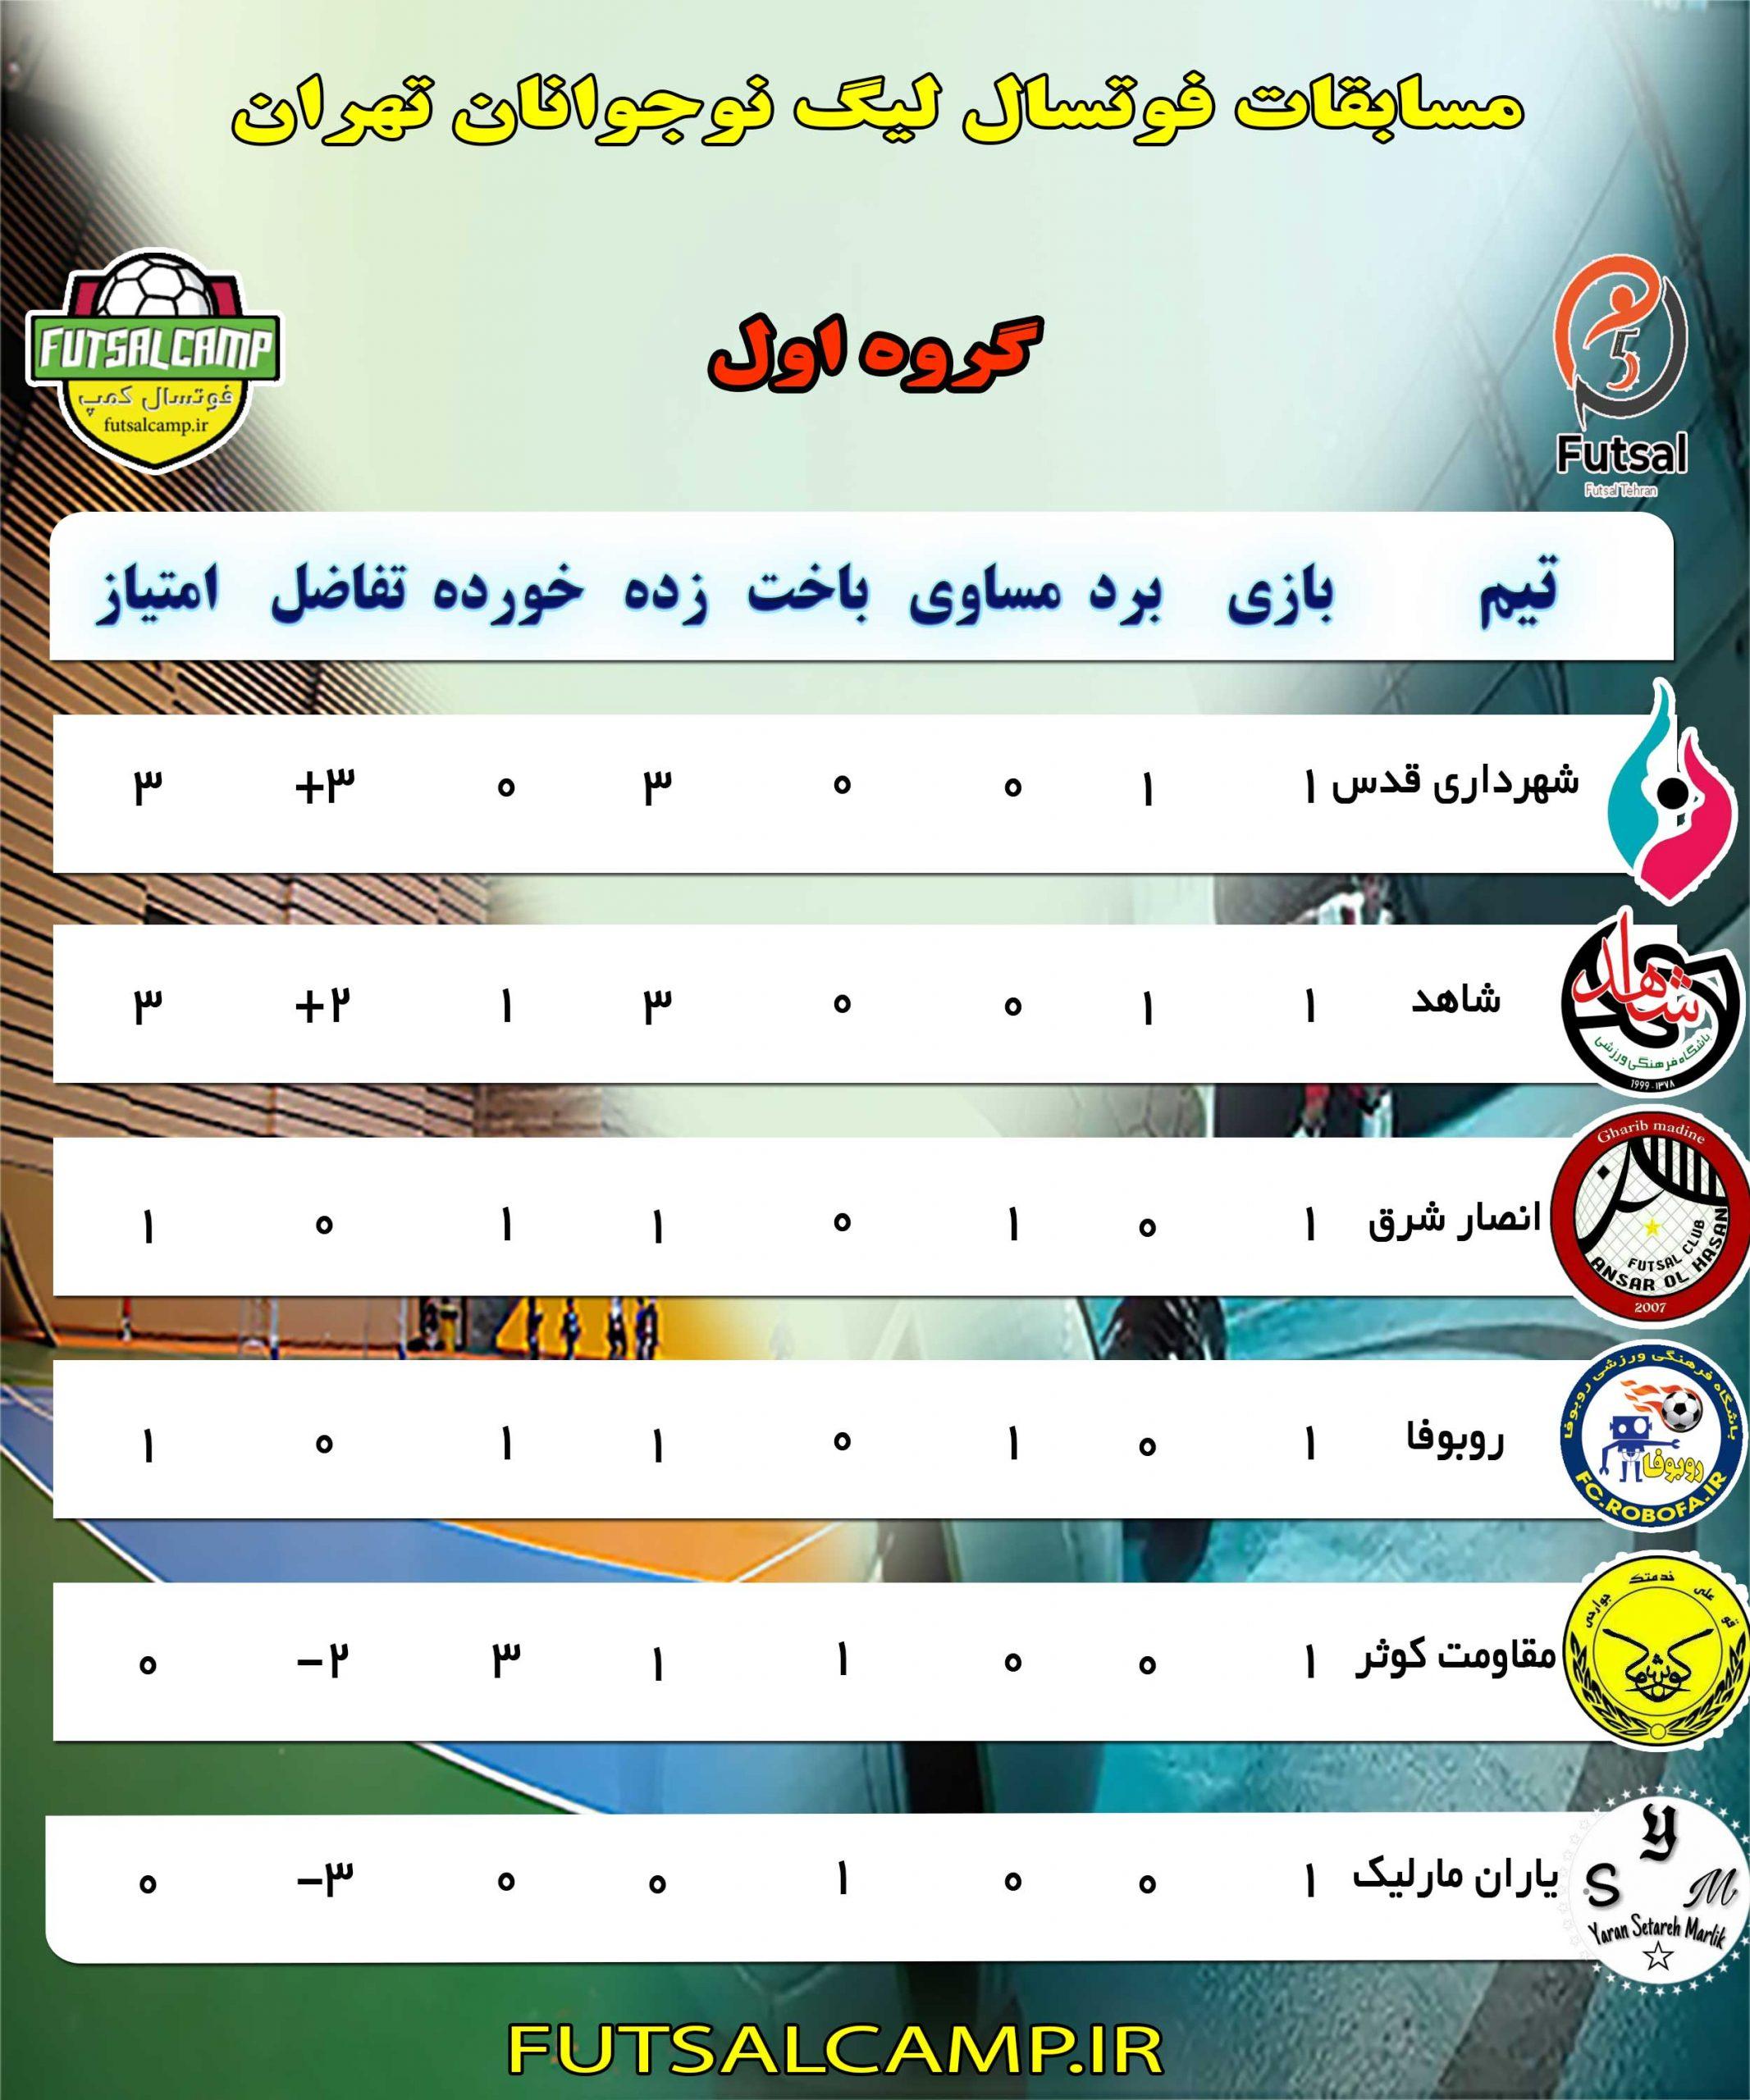 جدول-گروه-اول-لیگ-فوتسال-نوجوانان-تهران-جدید